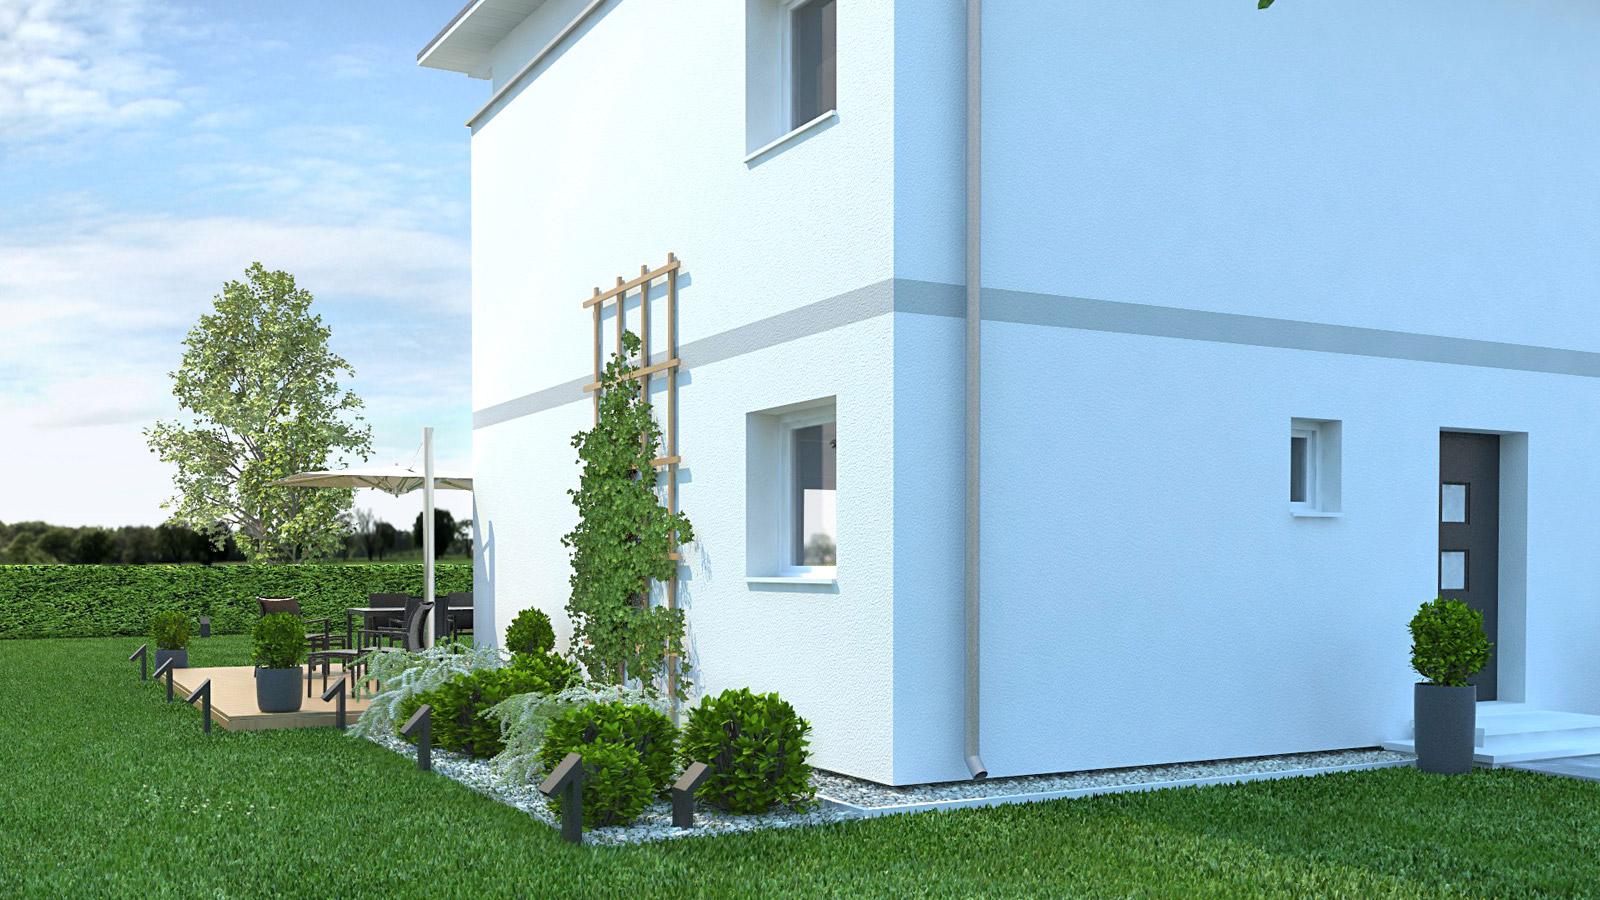 http://www.dasloewenhaus.at/wp-content/uploads/2017/02/Loewenhaus_Yellow_Detailansicht_Pultdach_Haus-weiss.jpg